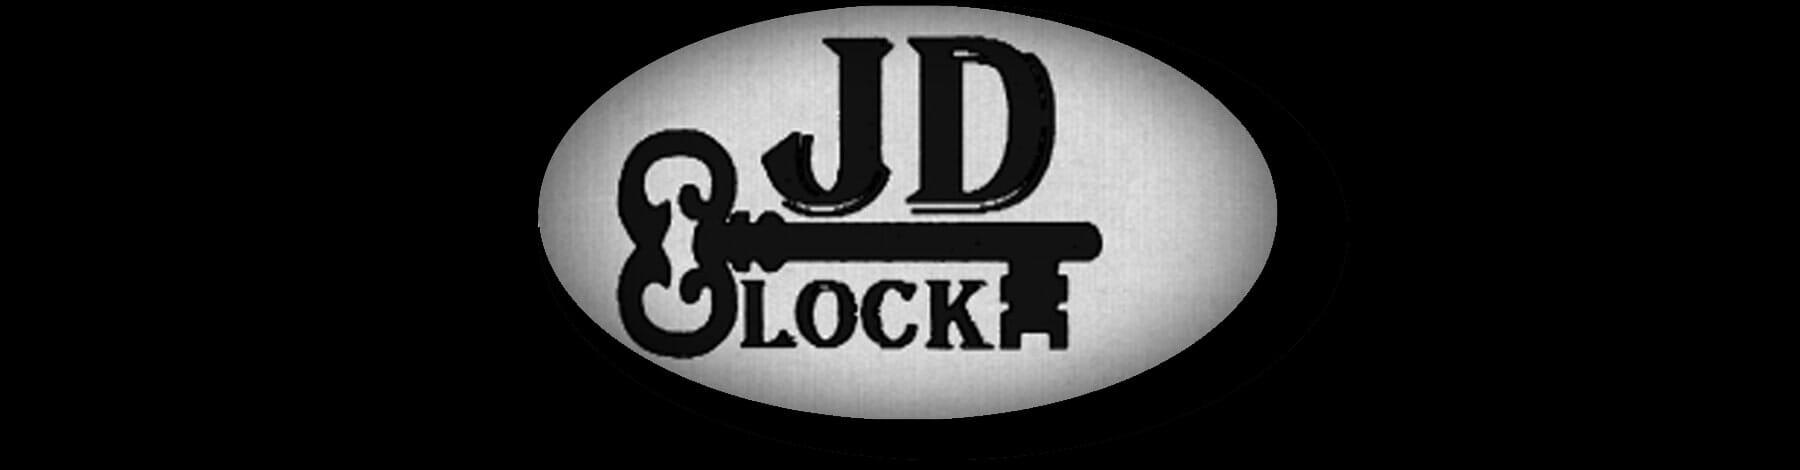 JD Lock & Key image 1